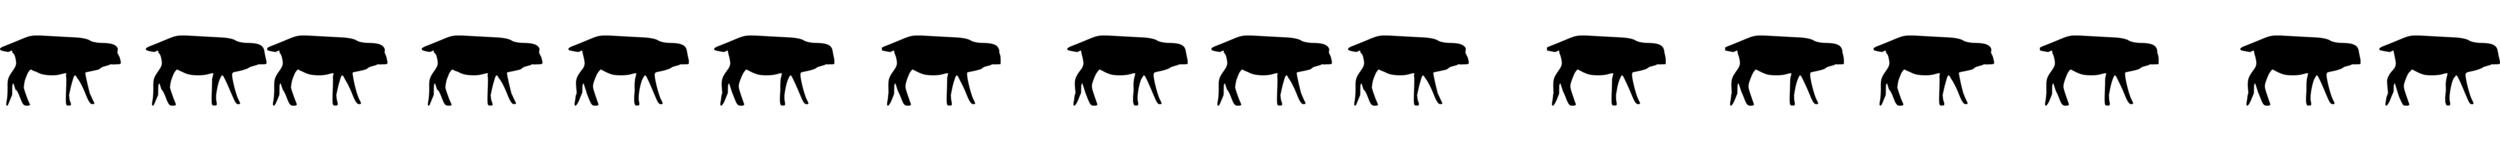 牛の並び.png